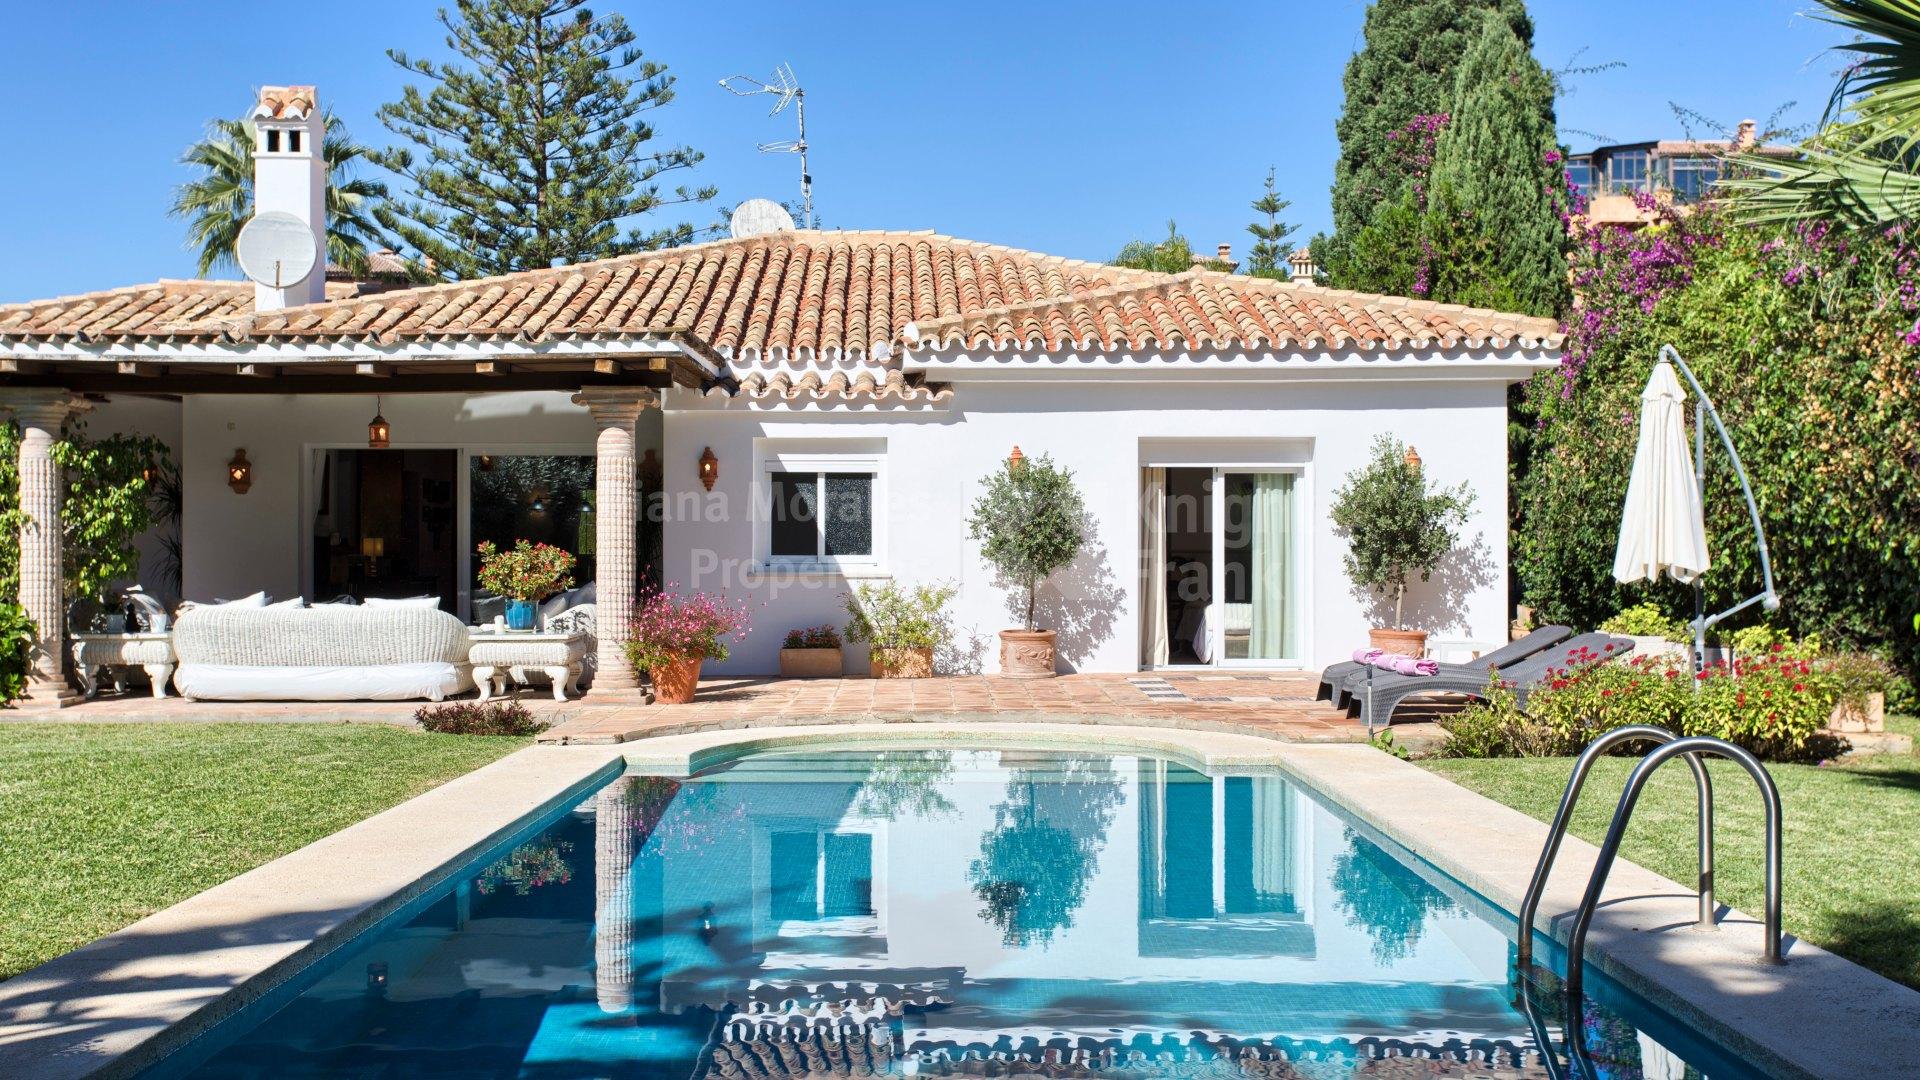 Villas en venta en el paraiso barronal estepona - Diana morales inmobiliaria ...